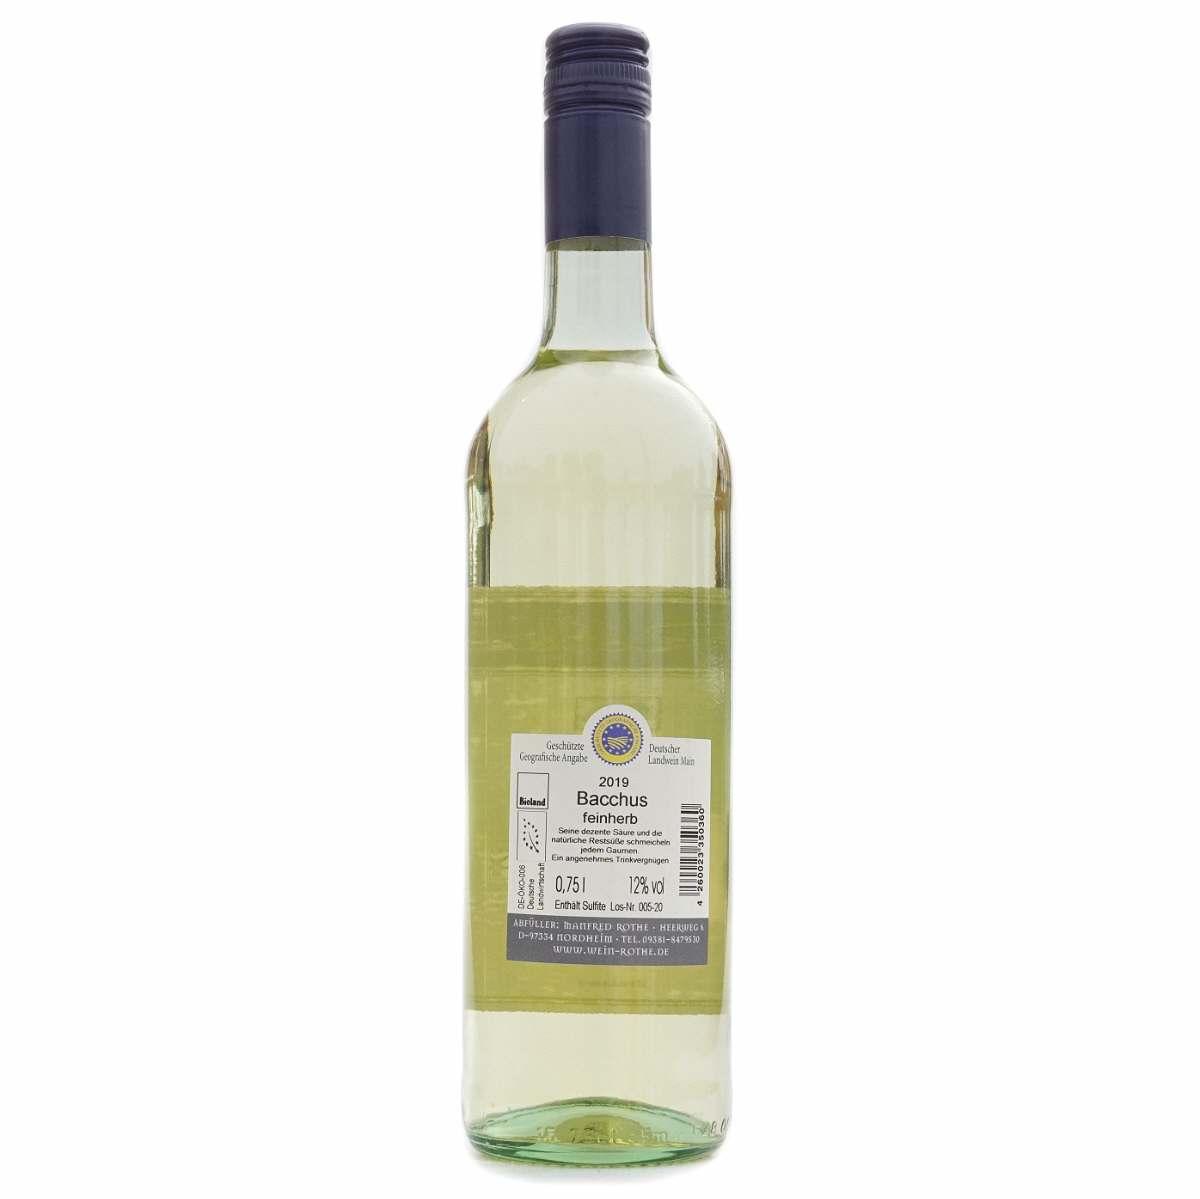 Rothe Bacchus Landwein feinfruchtig 2019